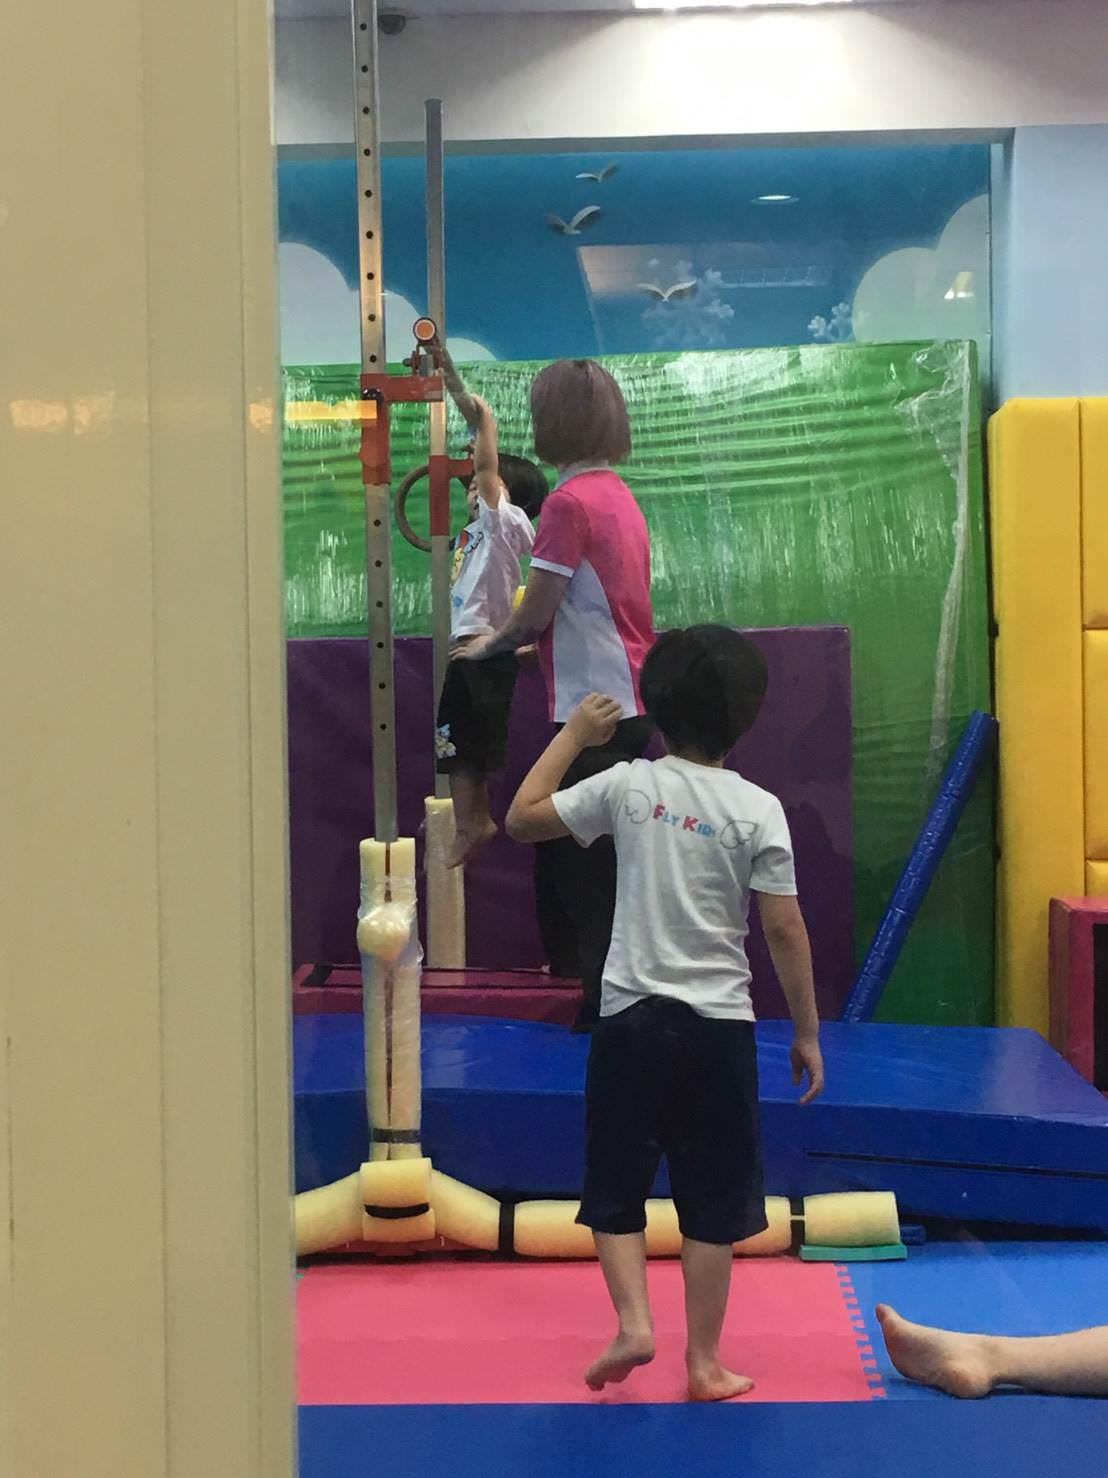 『育兒』關於孩子們的才藝課